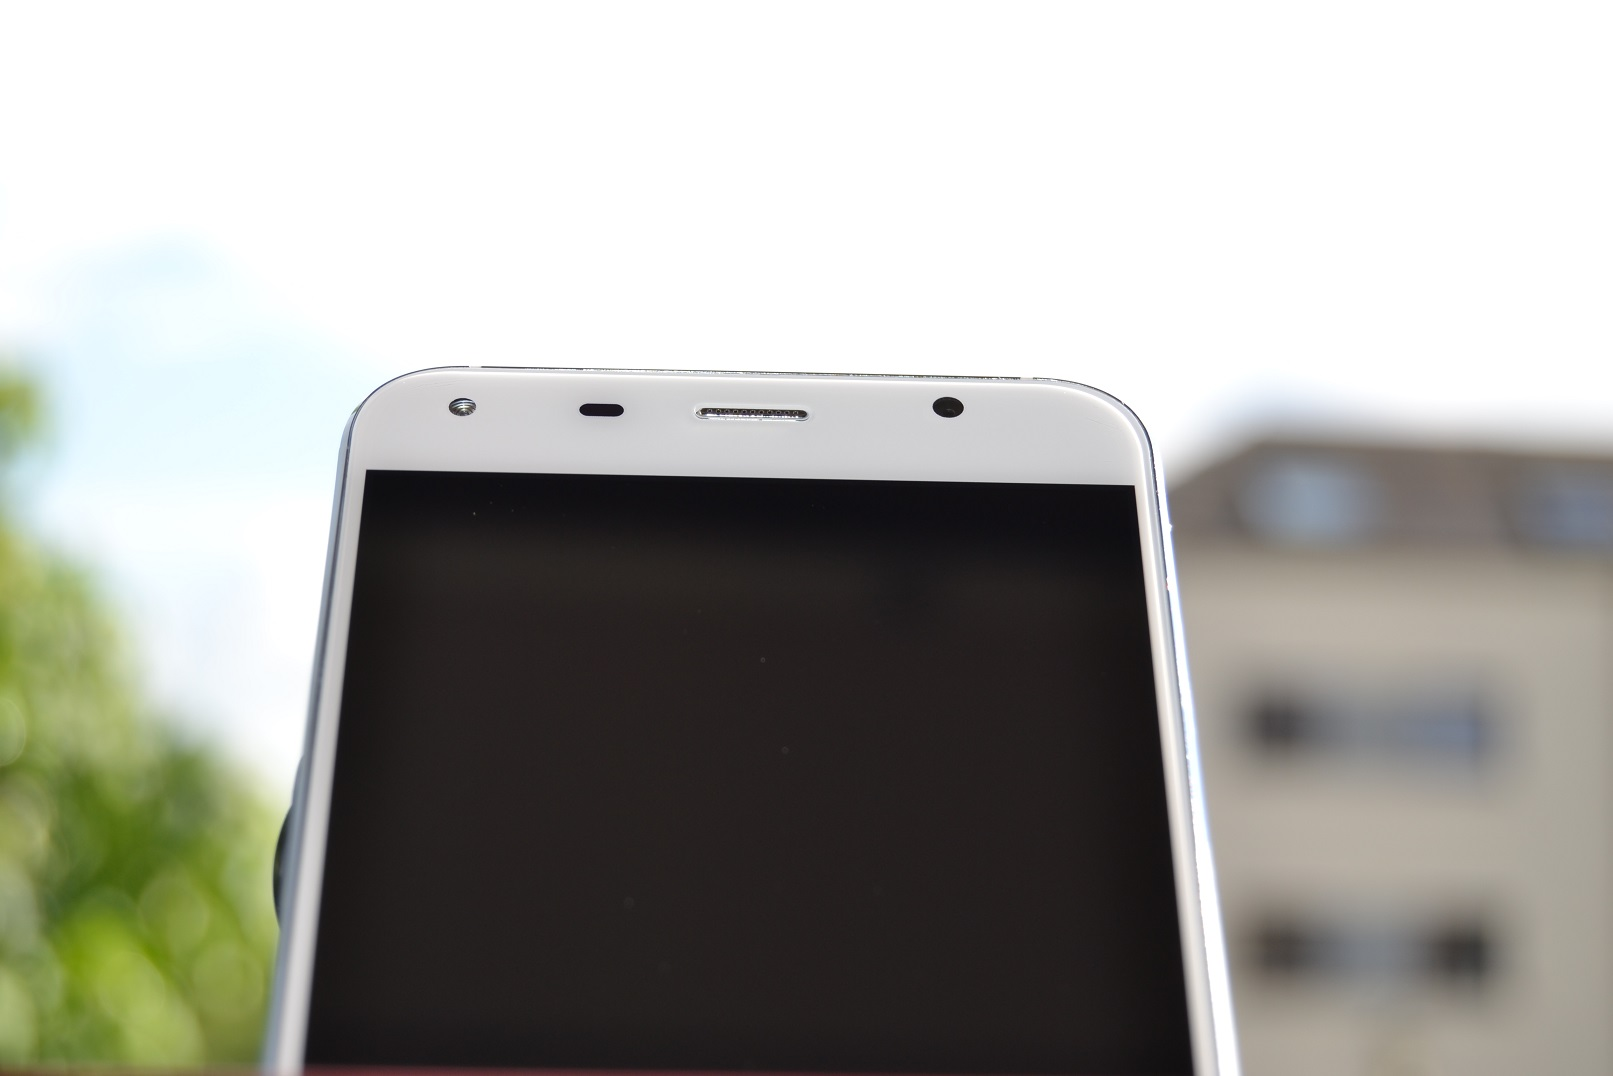 DSC_0410 REVIEW display UMi Touch si comparat cu UMi Super, tot partea de display